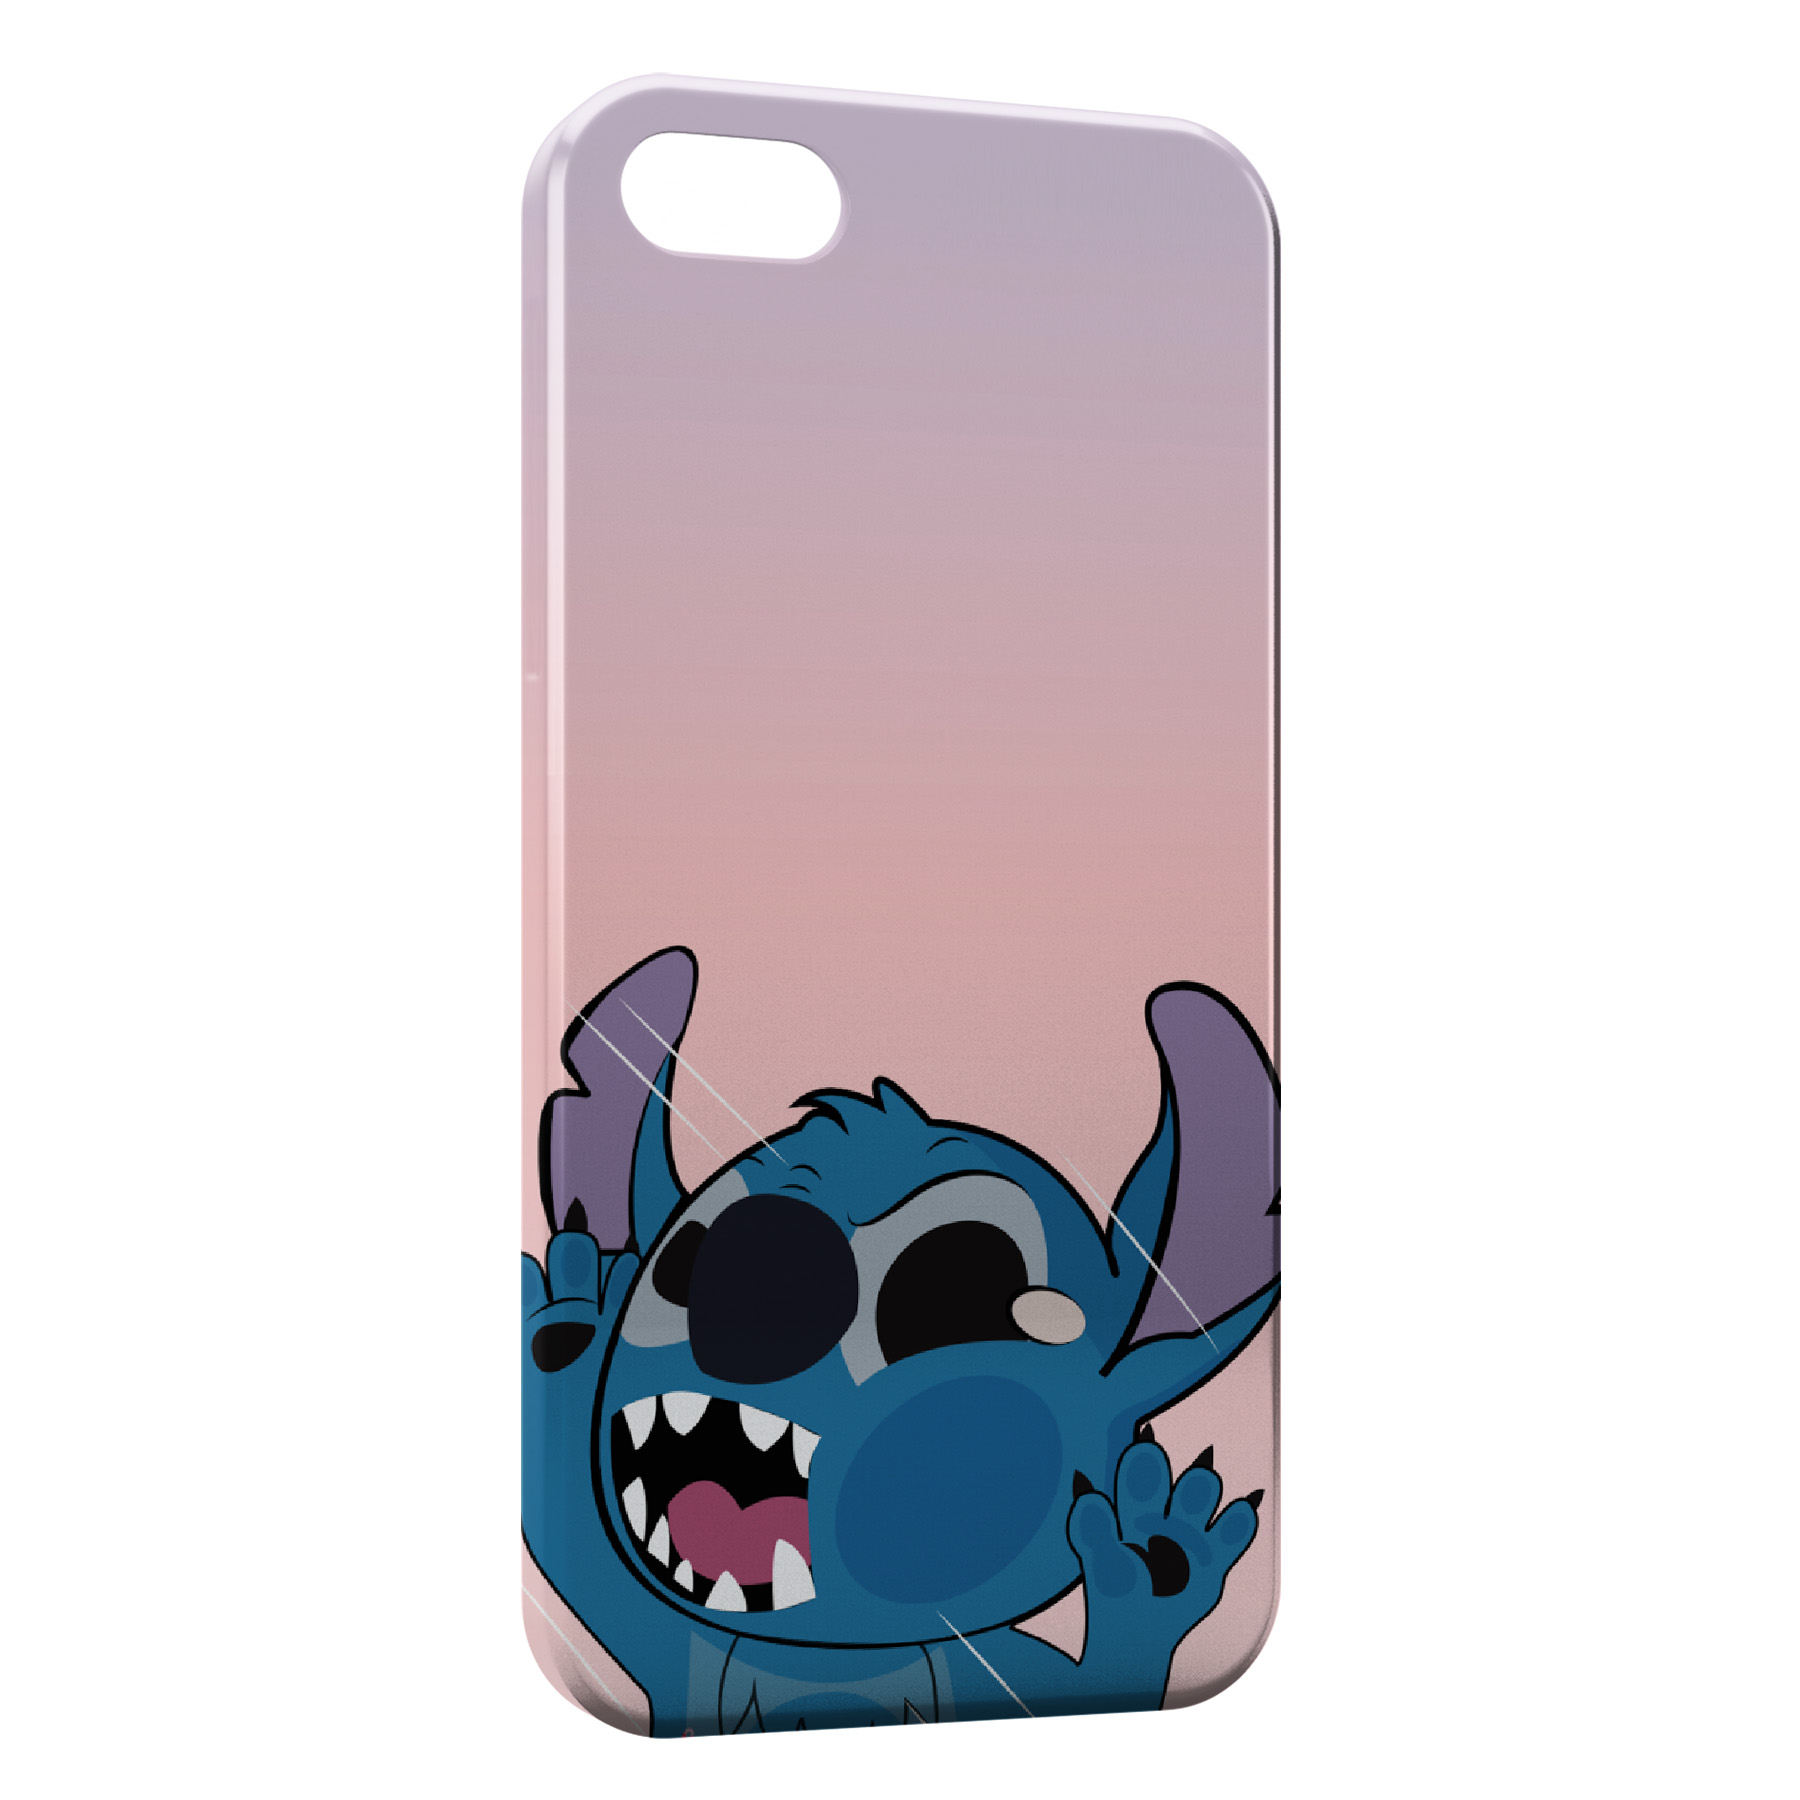 Coque iPhone 6 Plus 6S Plus Stitch 16